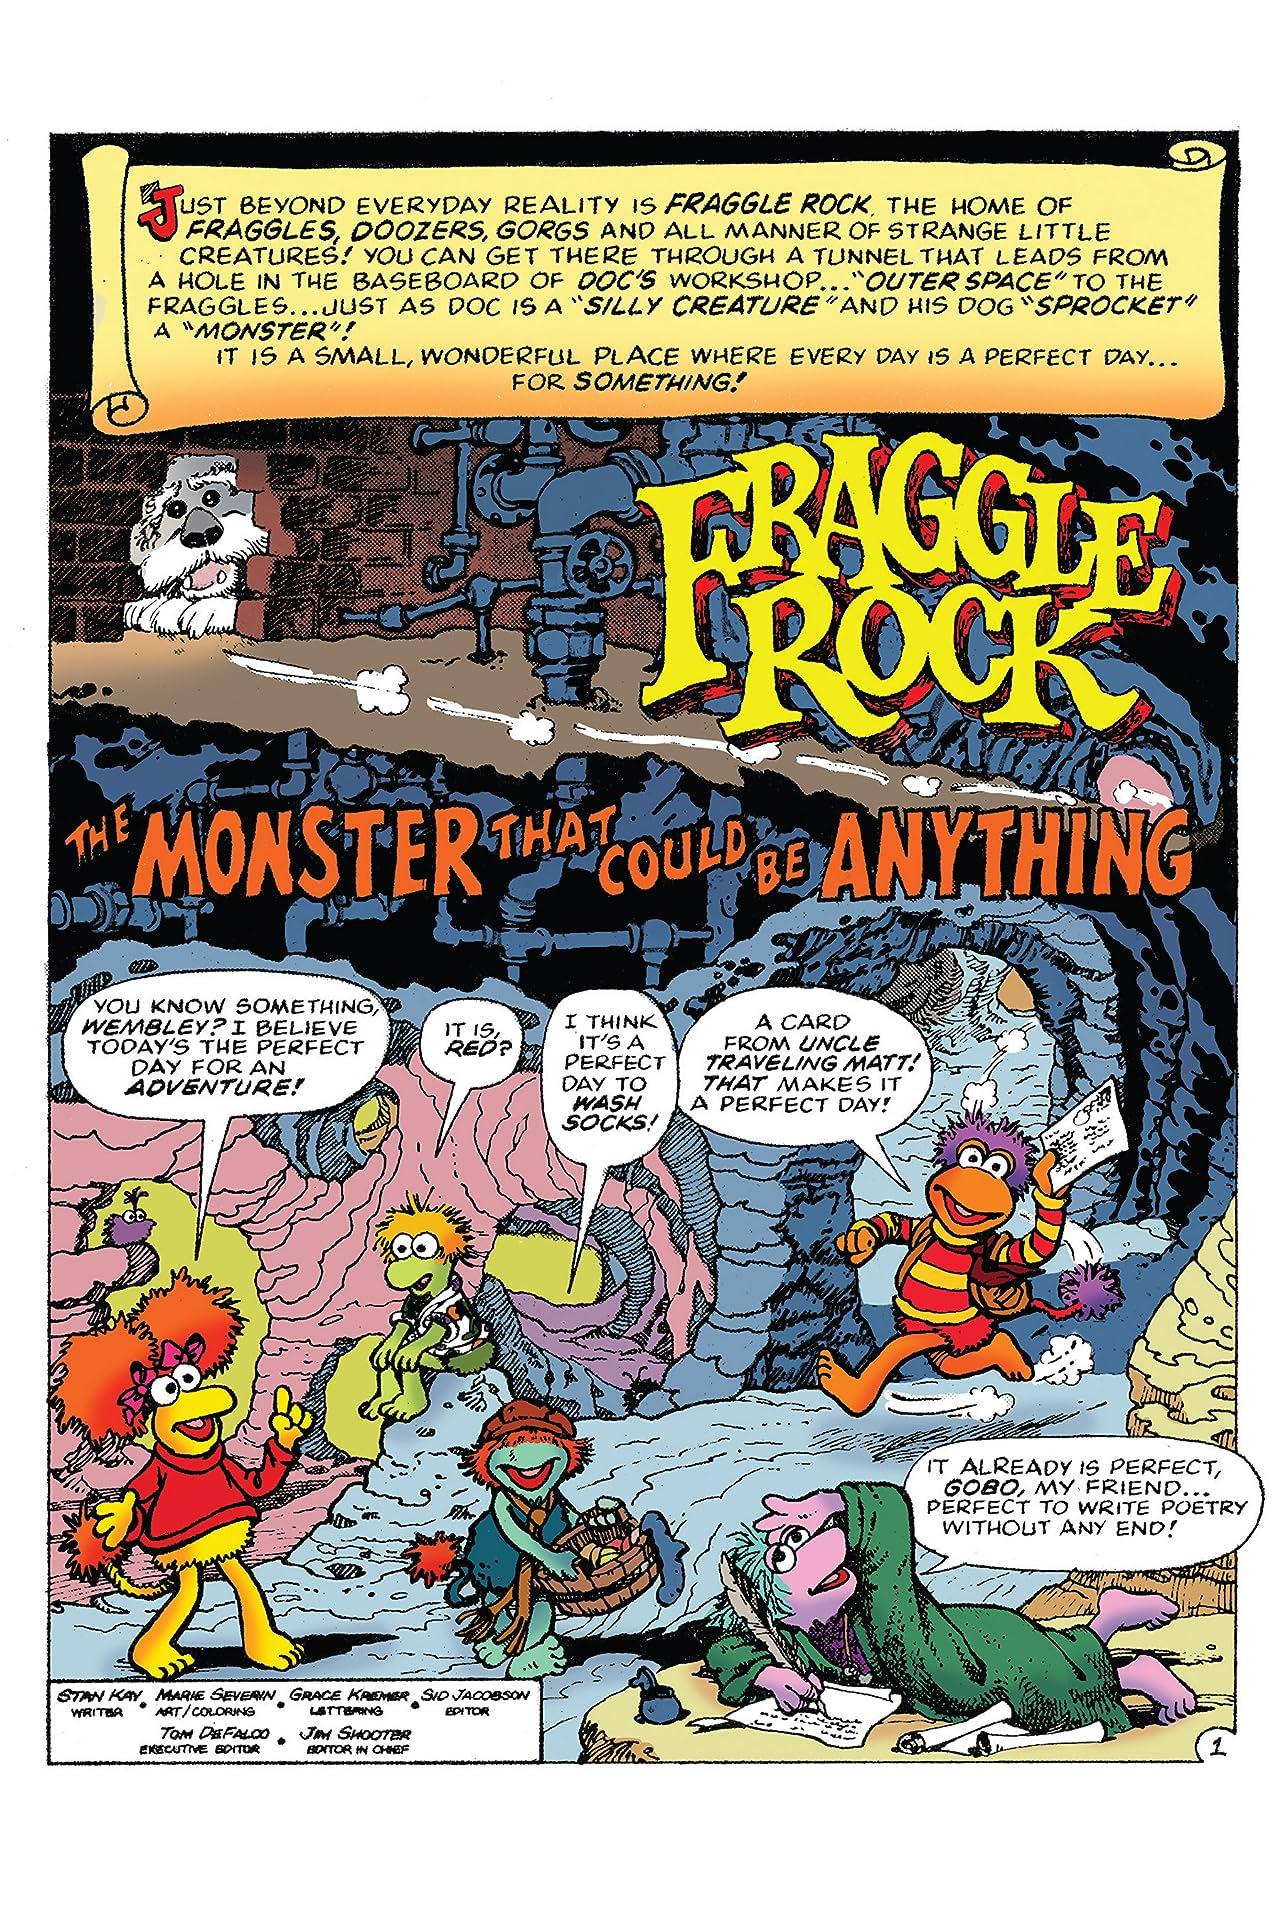 Jim Henson's Fraggle Rock Classics Vol. 1 #3